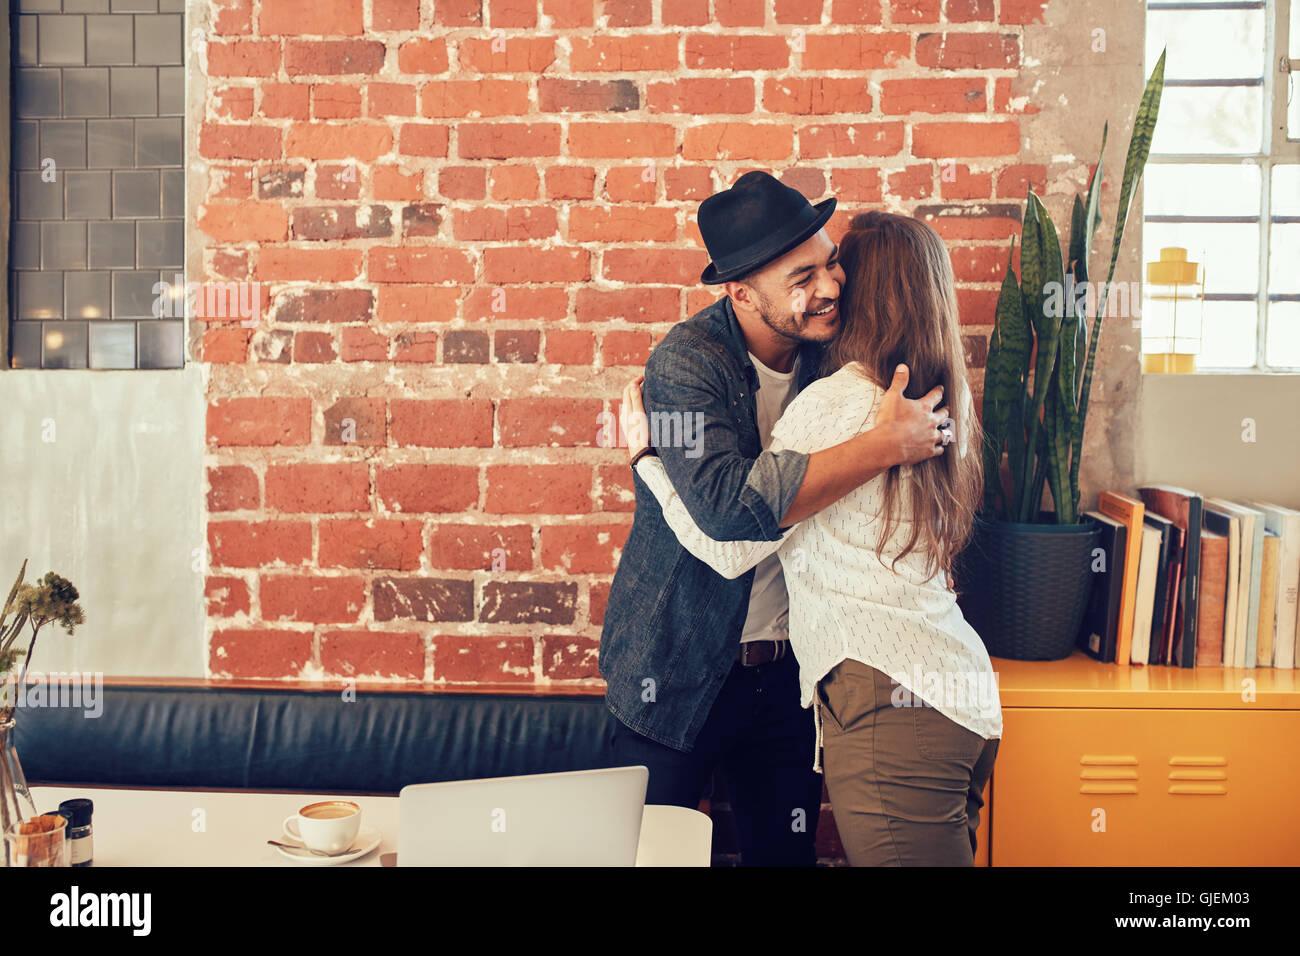 Ritratto di giovane uomo saluto una donna al cafe. Giovane uomo abbracciando la sua fidanzata a un coffee shop. Immagini Stock